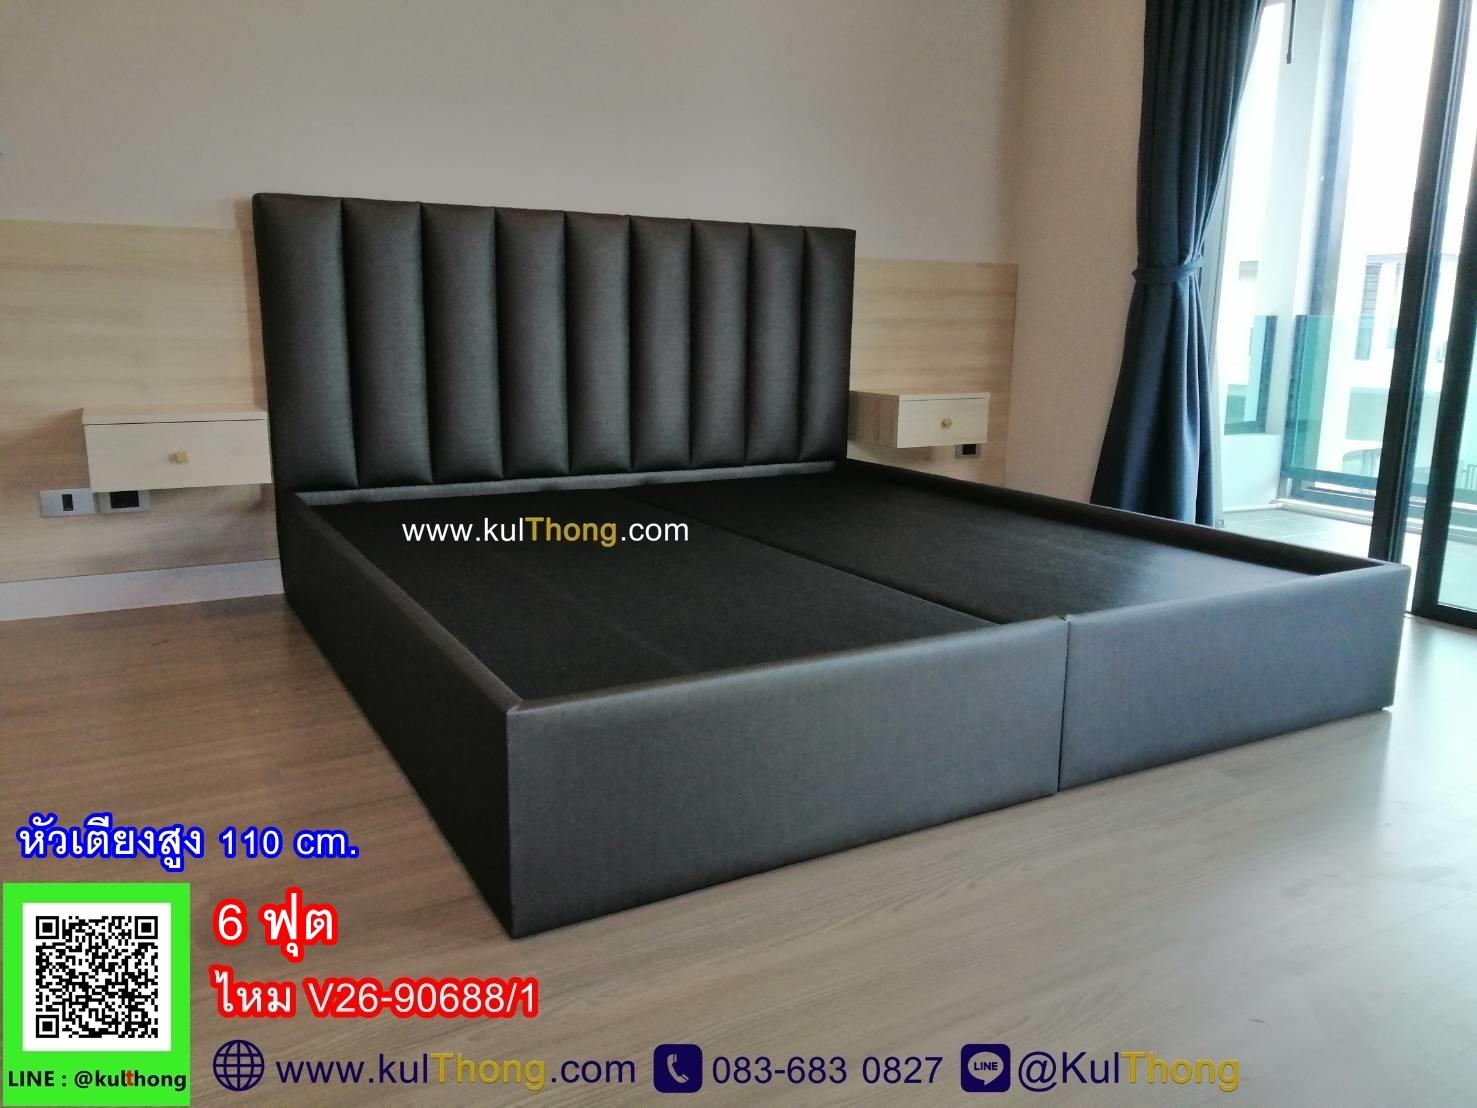 เตียงหุ้มหนัง ฐานรองที่นอน เตียงแบบมีหัวเตียง